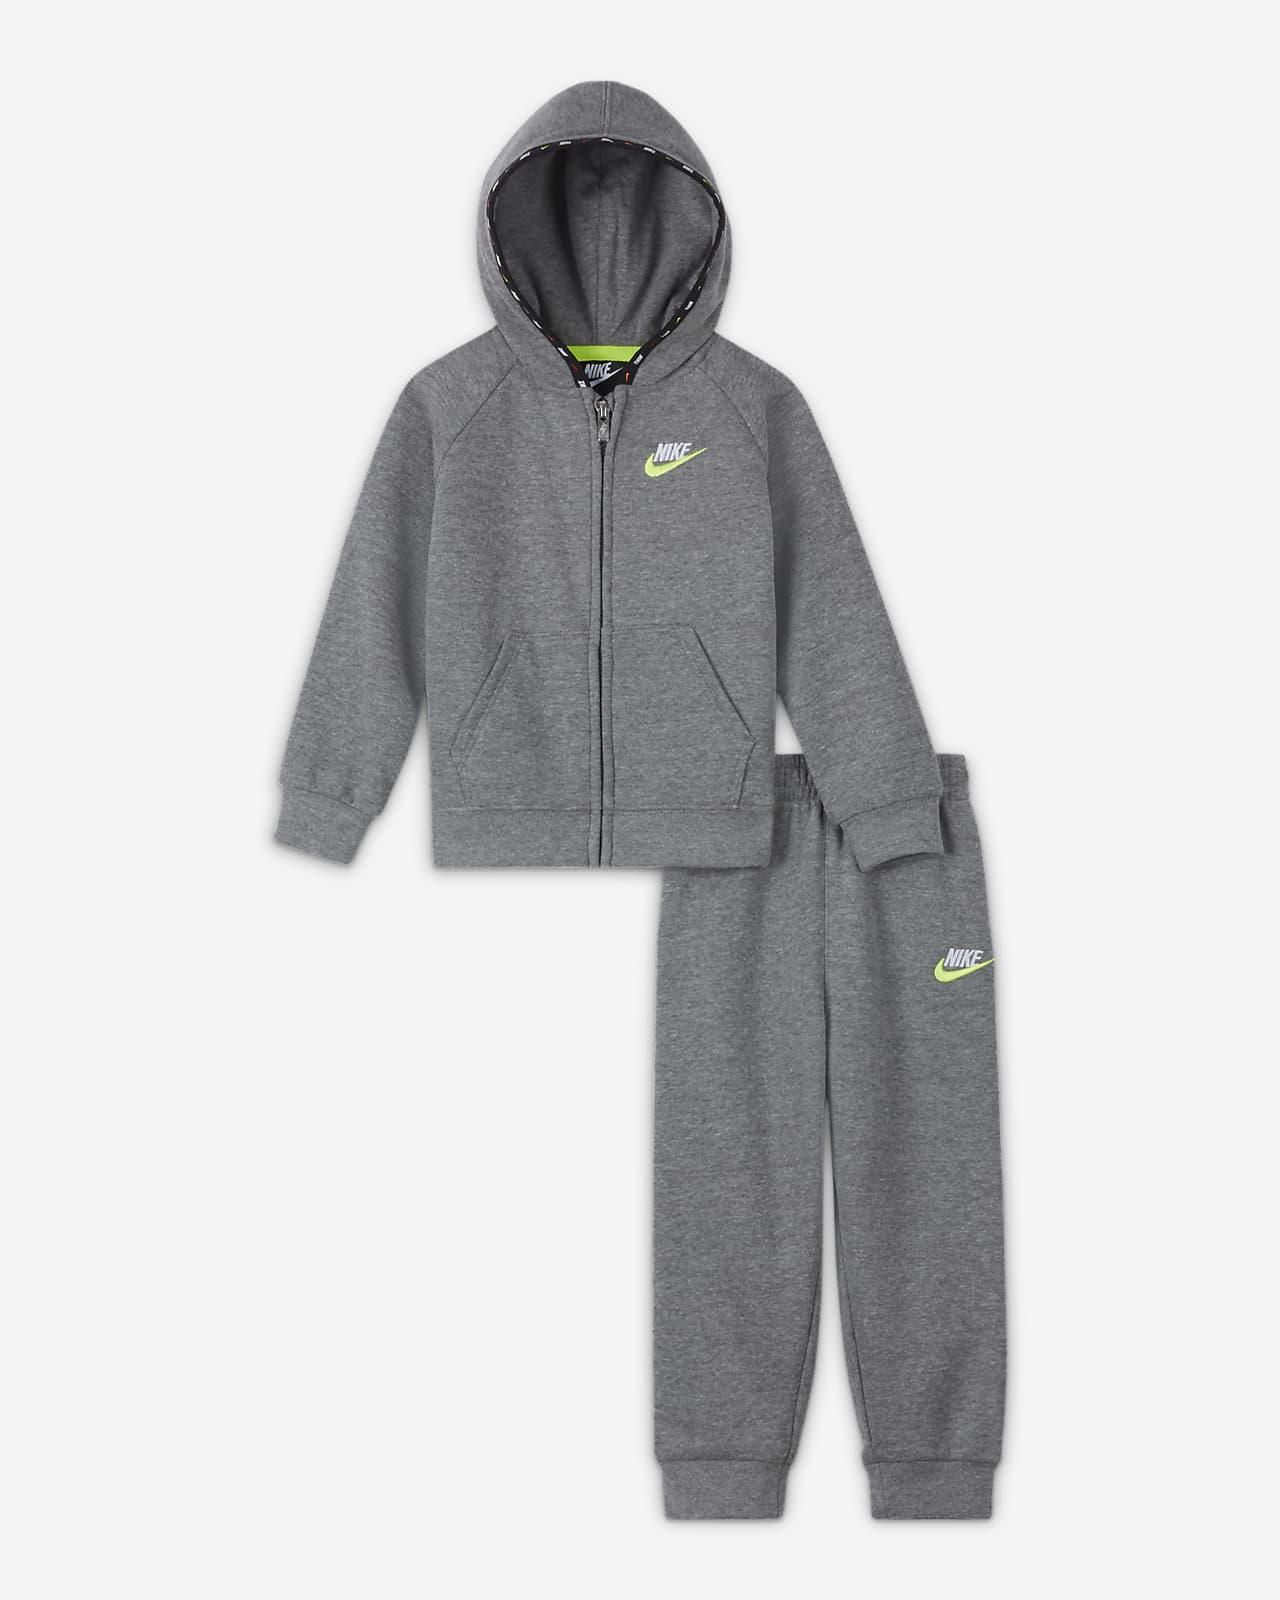 Σετ μπλούζα με κουκούλα και παντελόνι φόρμας Nike για βρέφη (12-24M)